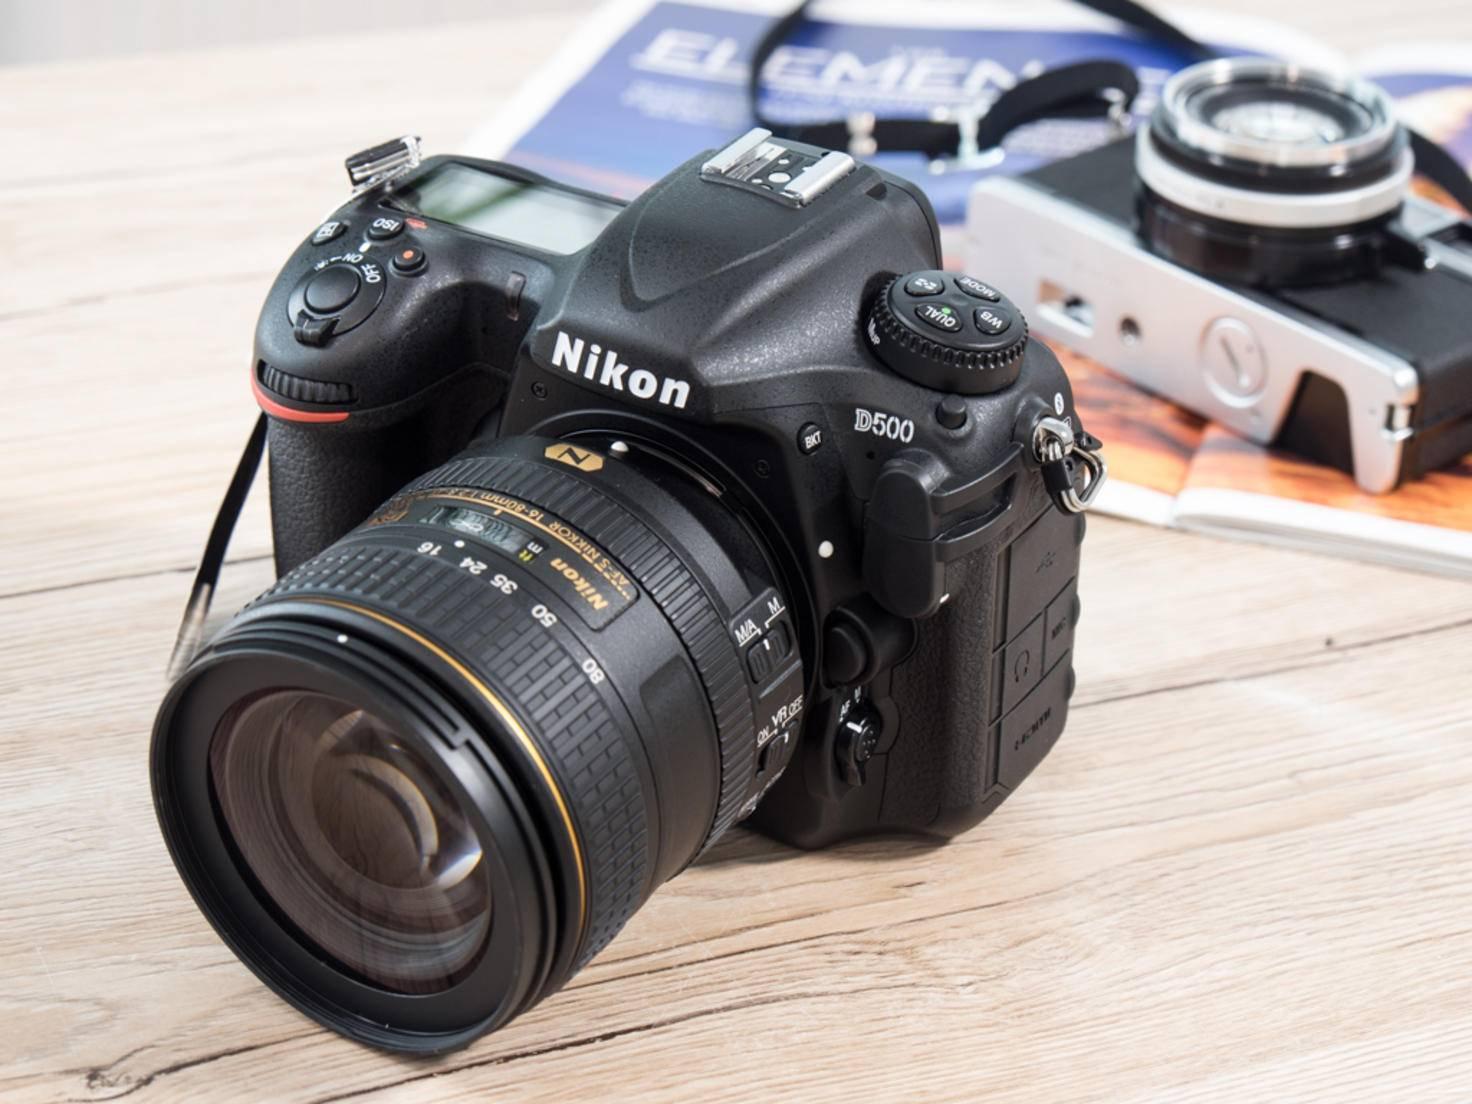 Die Kamera ist leicht voluminöser als normale ...